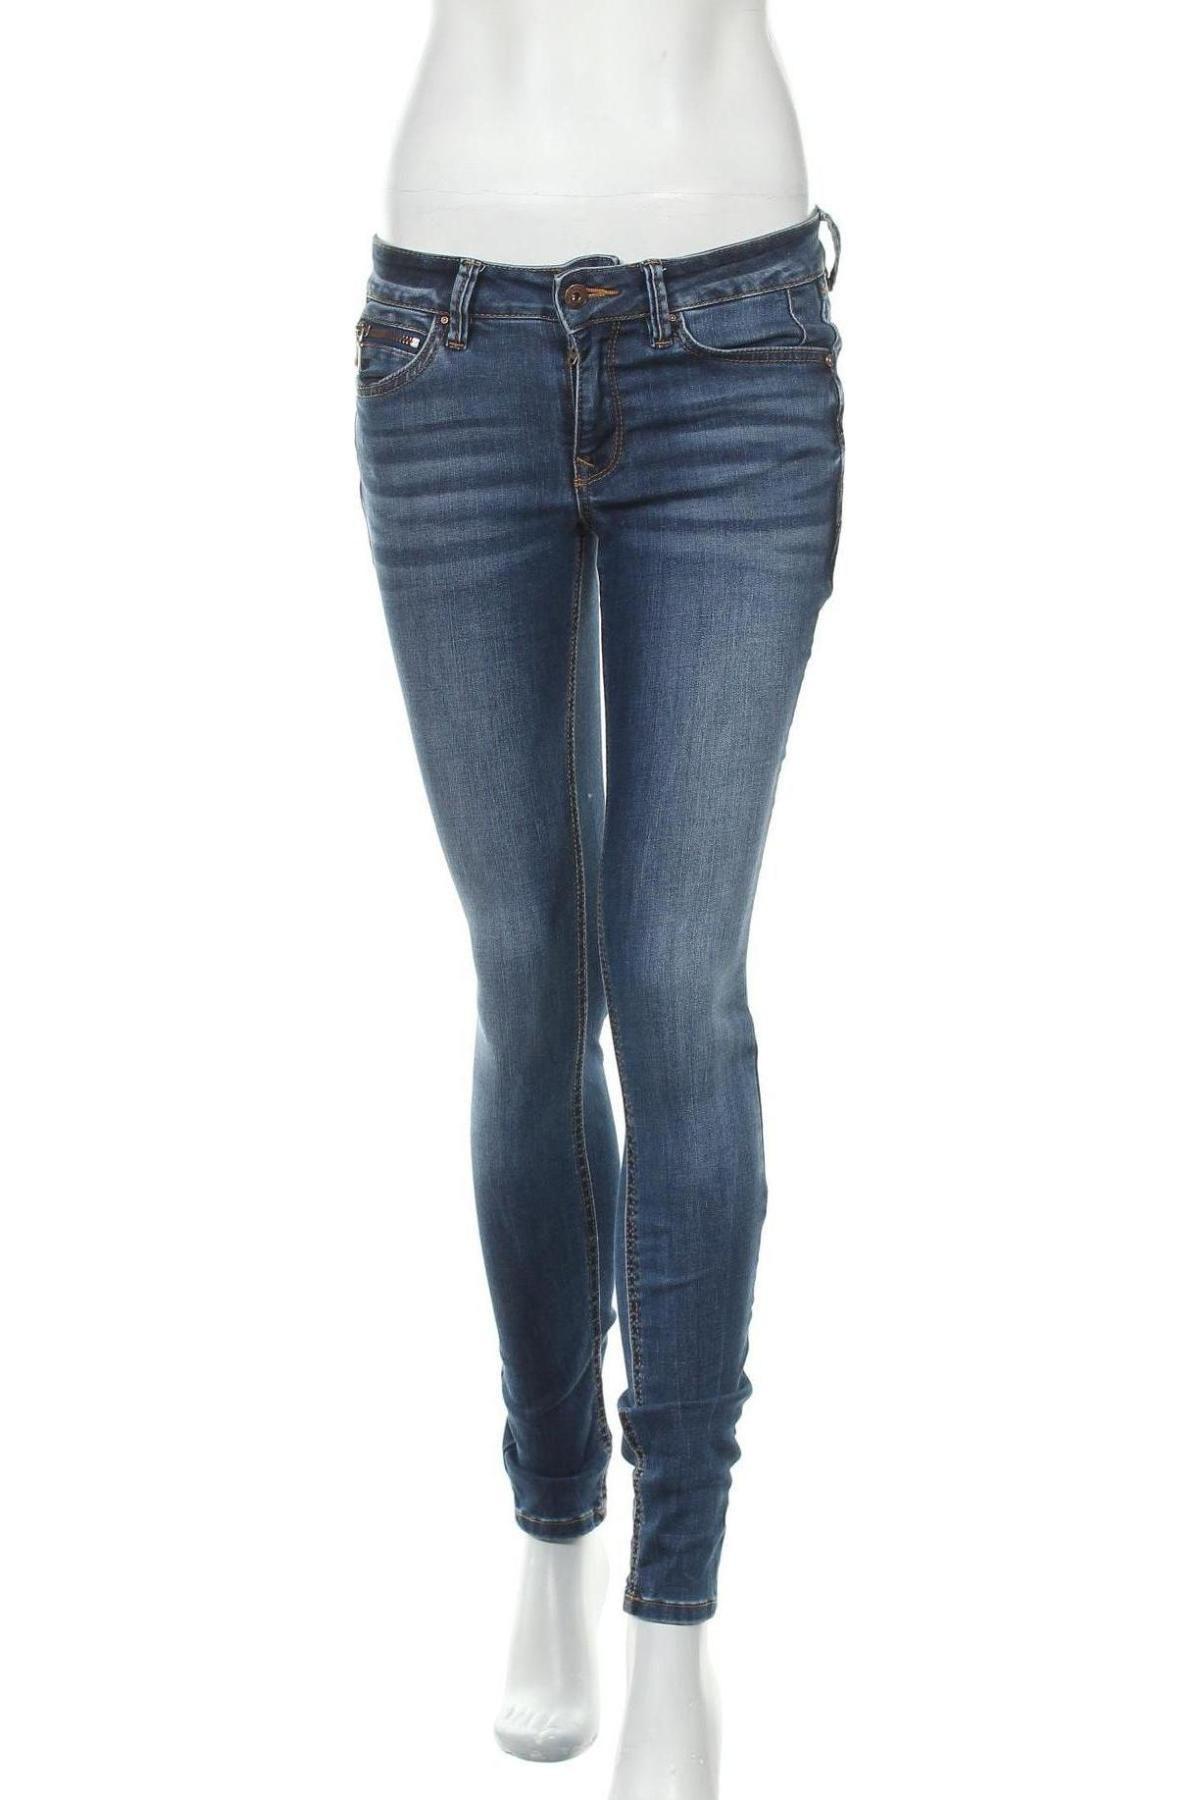 Дамски дънки Tom Tailor, Размер S, Цвят Син, 72% памук, 27% полиестер, 1% еластан, Цена 63,00лв.